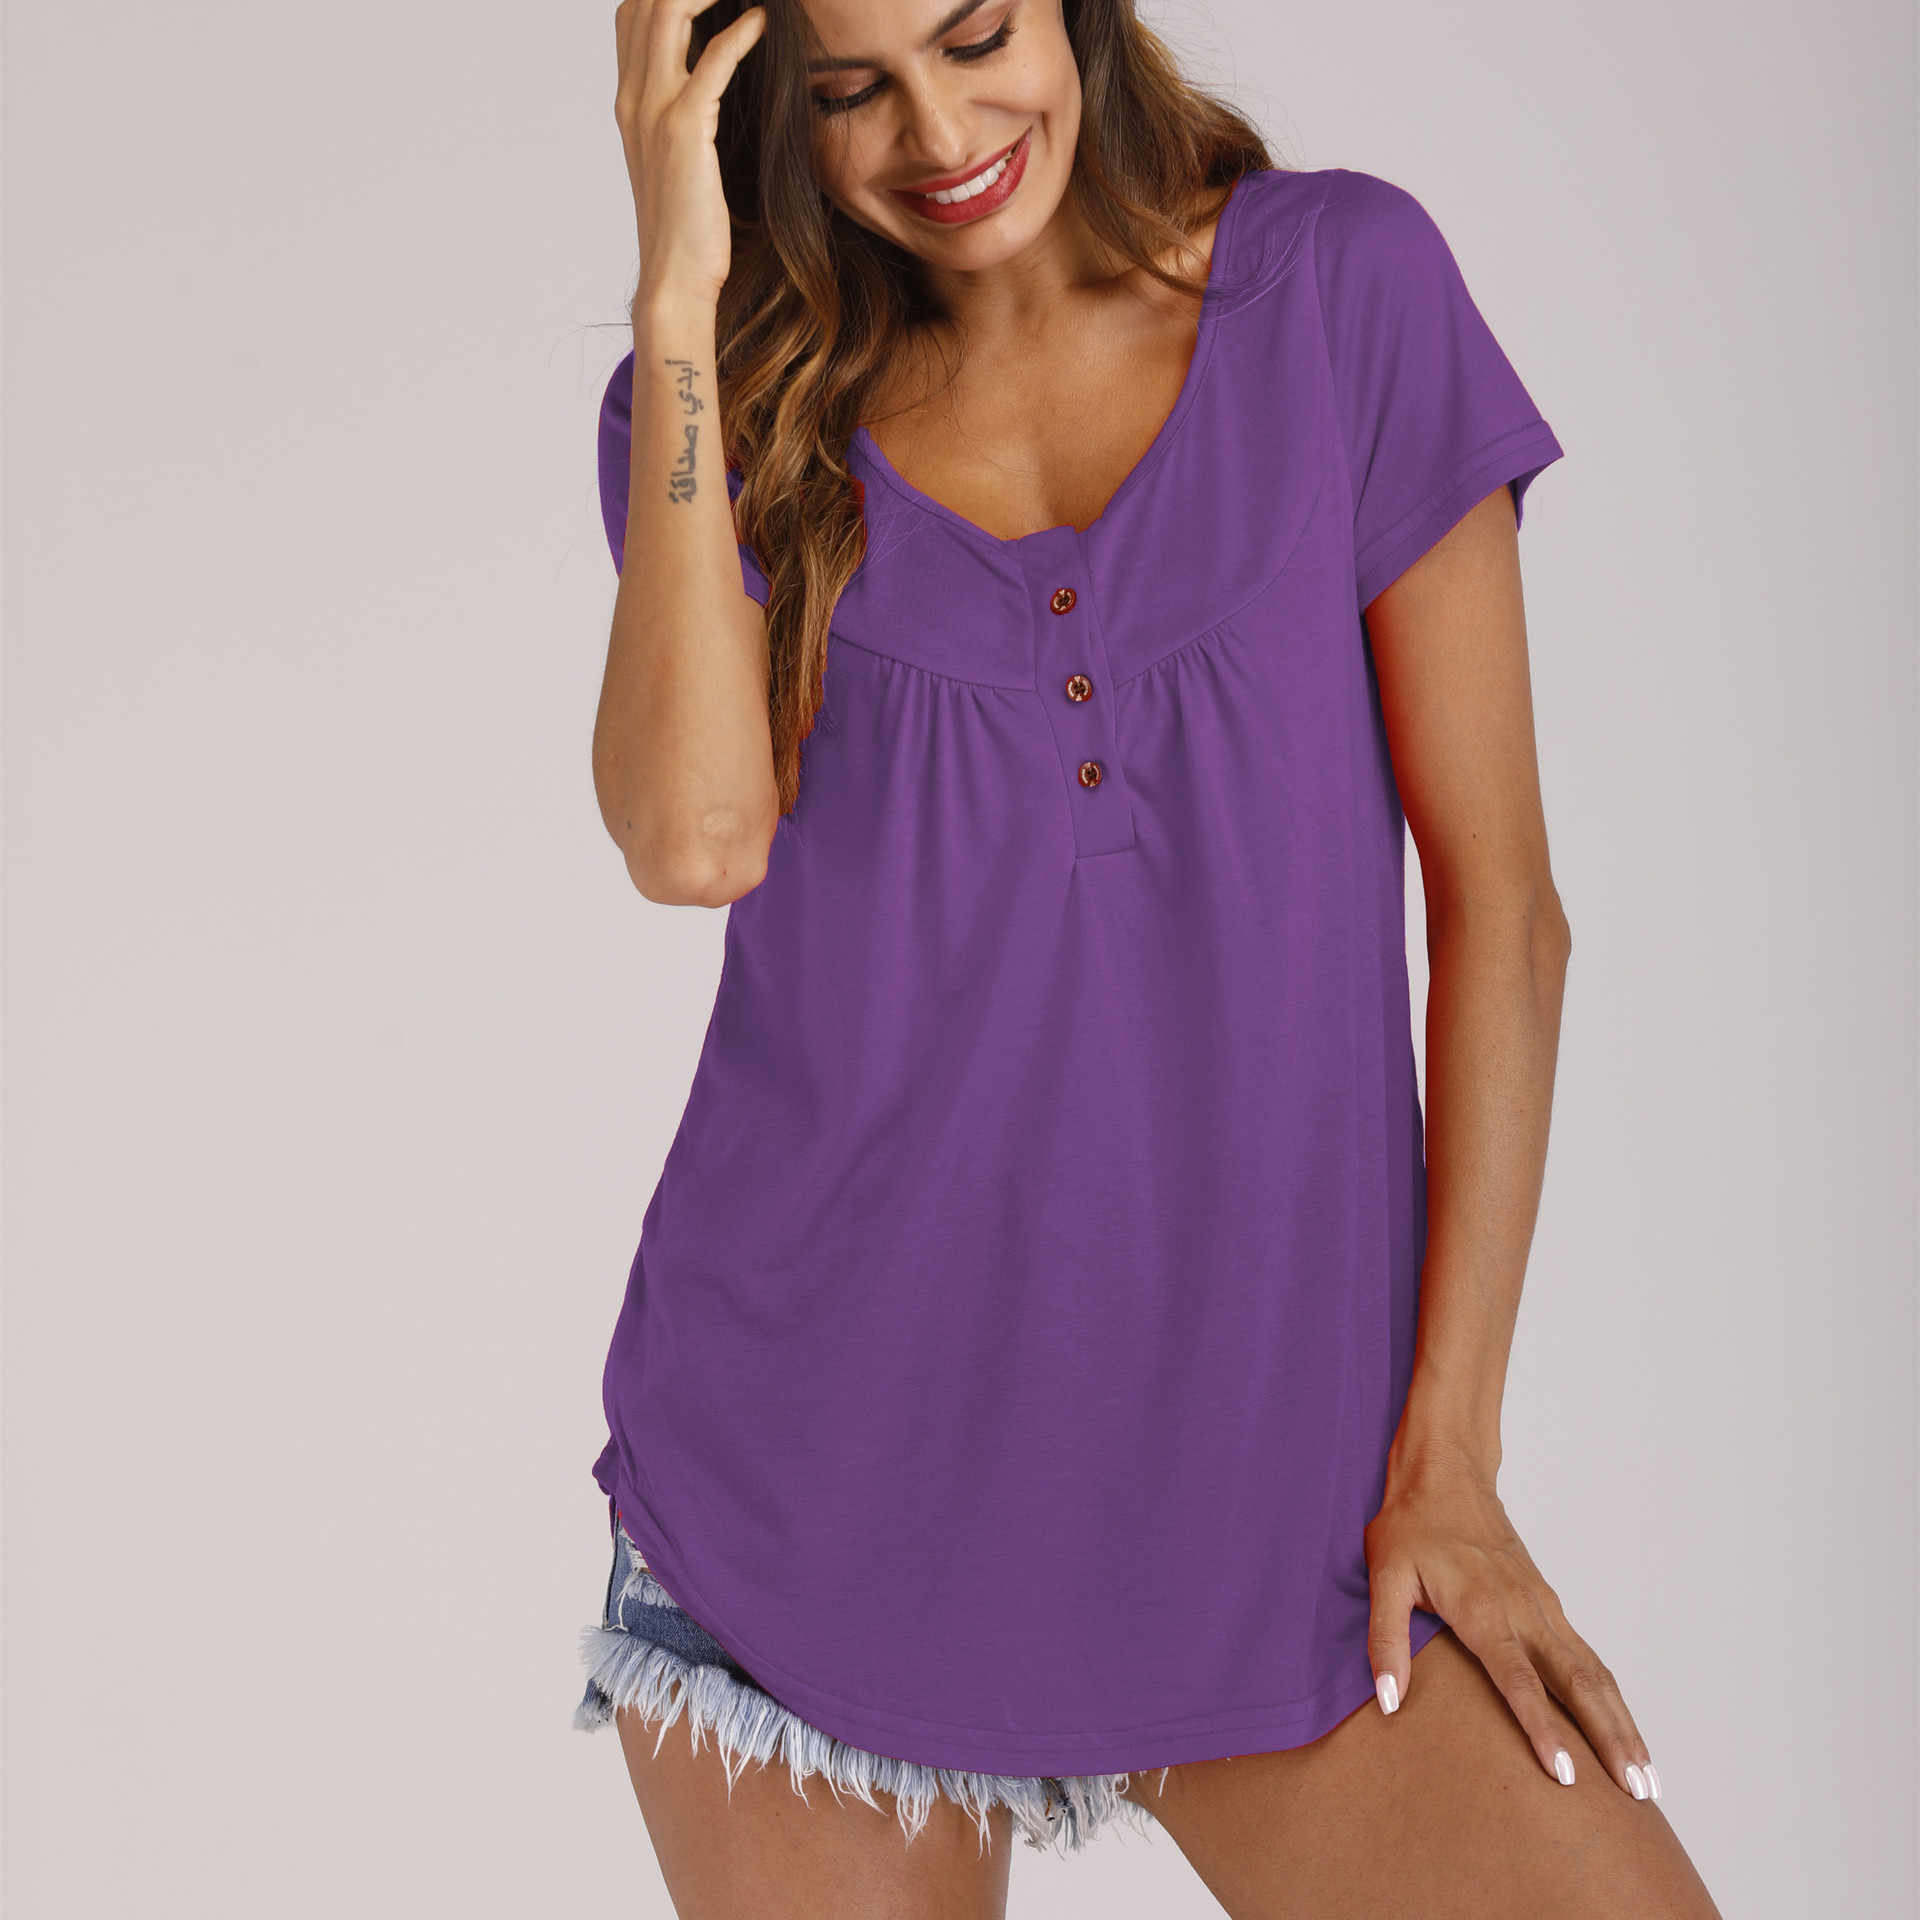 여성 새 여름 캐주얼 탑 셔츠 단추 o-넥 패션 솔리드 컬러 뜨거운 판매 섹시 streetwear tshirts